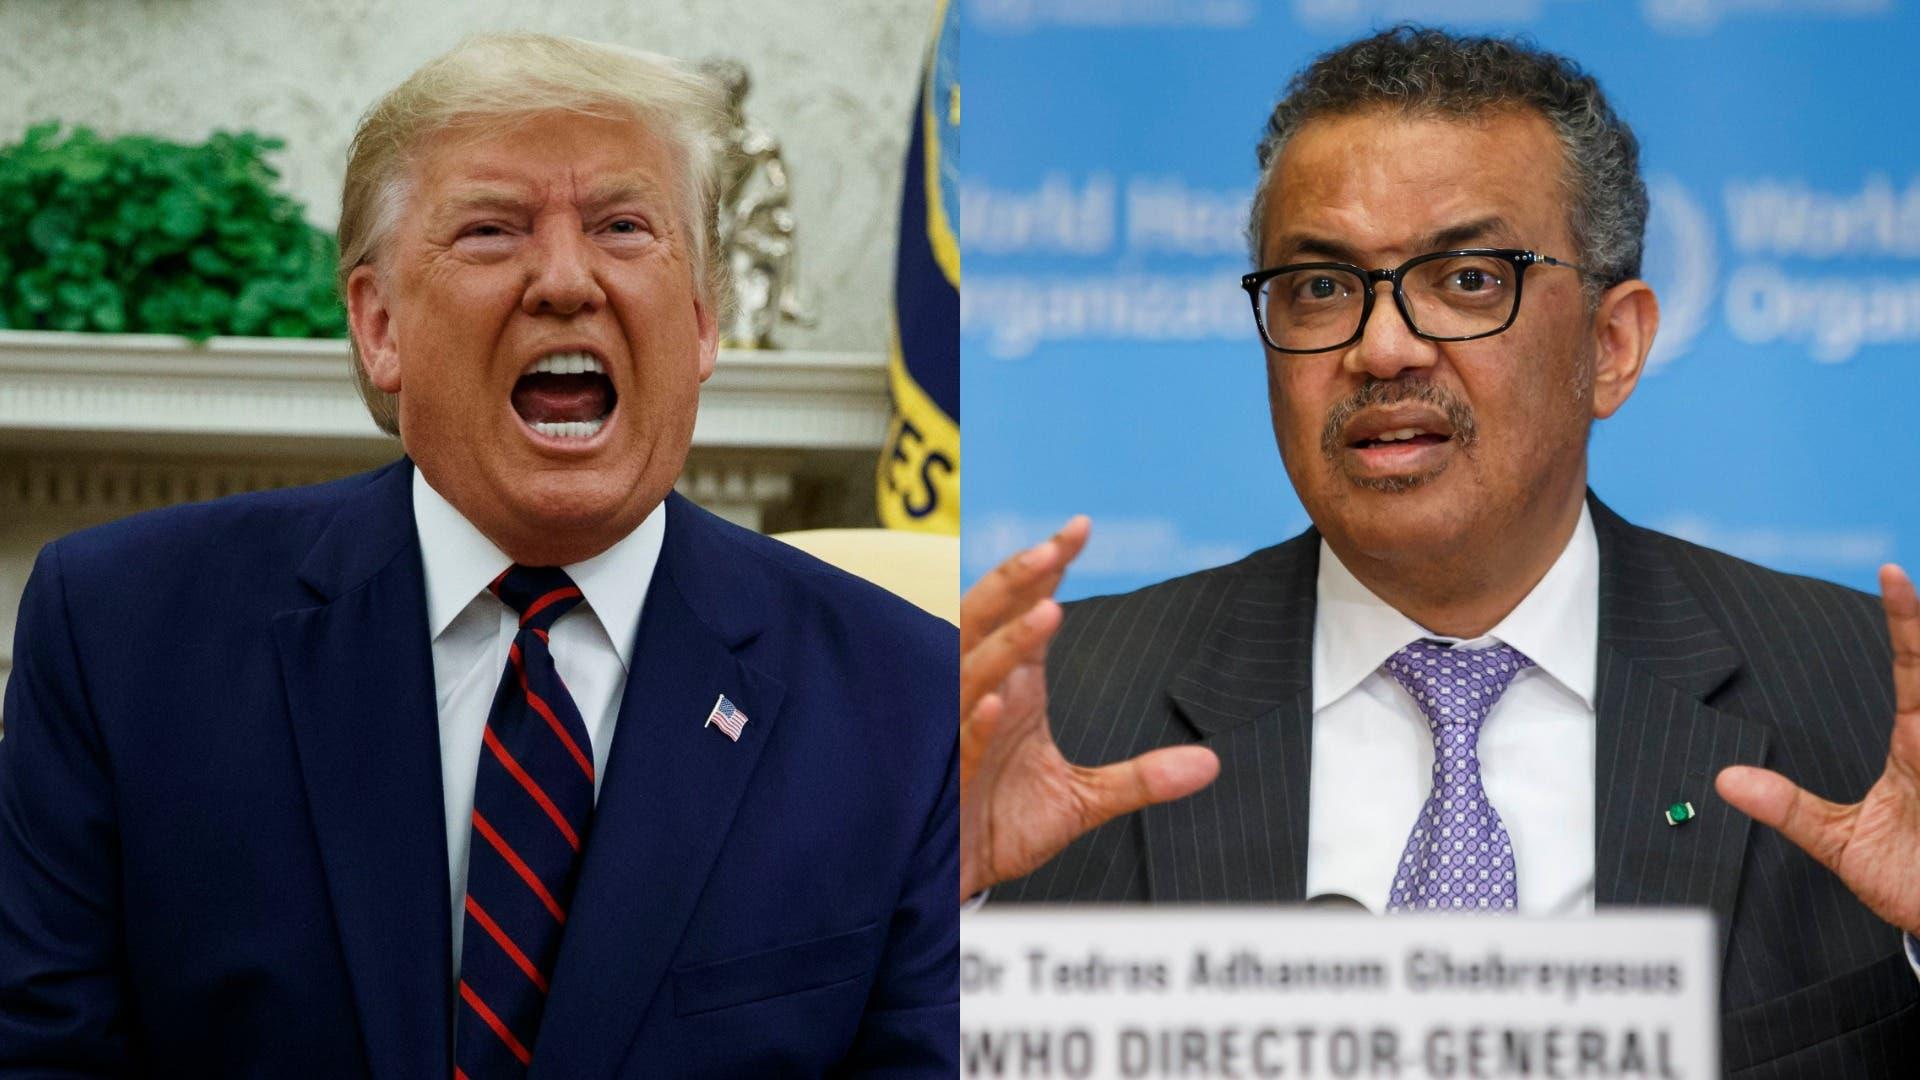 Trump oo weerar culus ku qaaday Tedros Adhanom